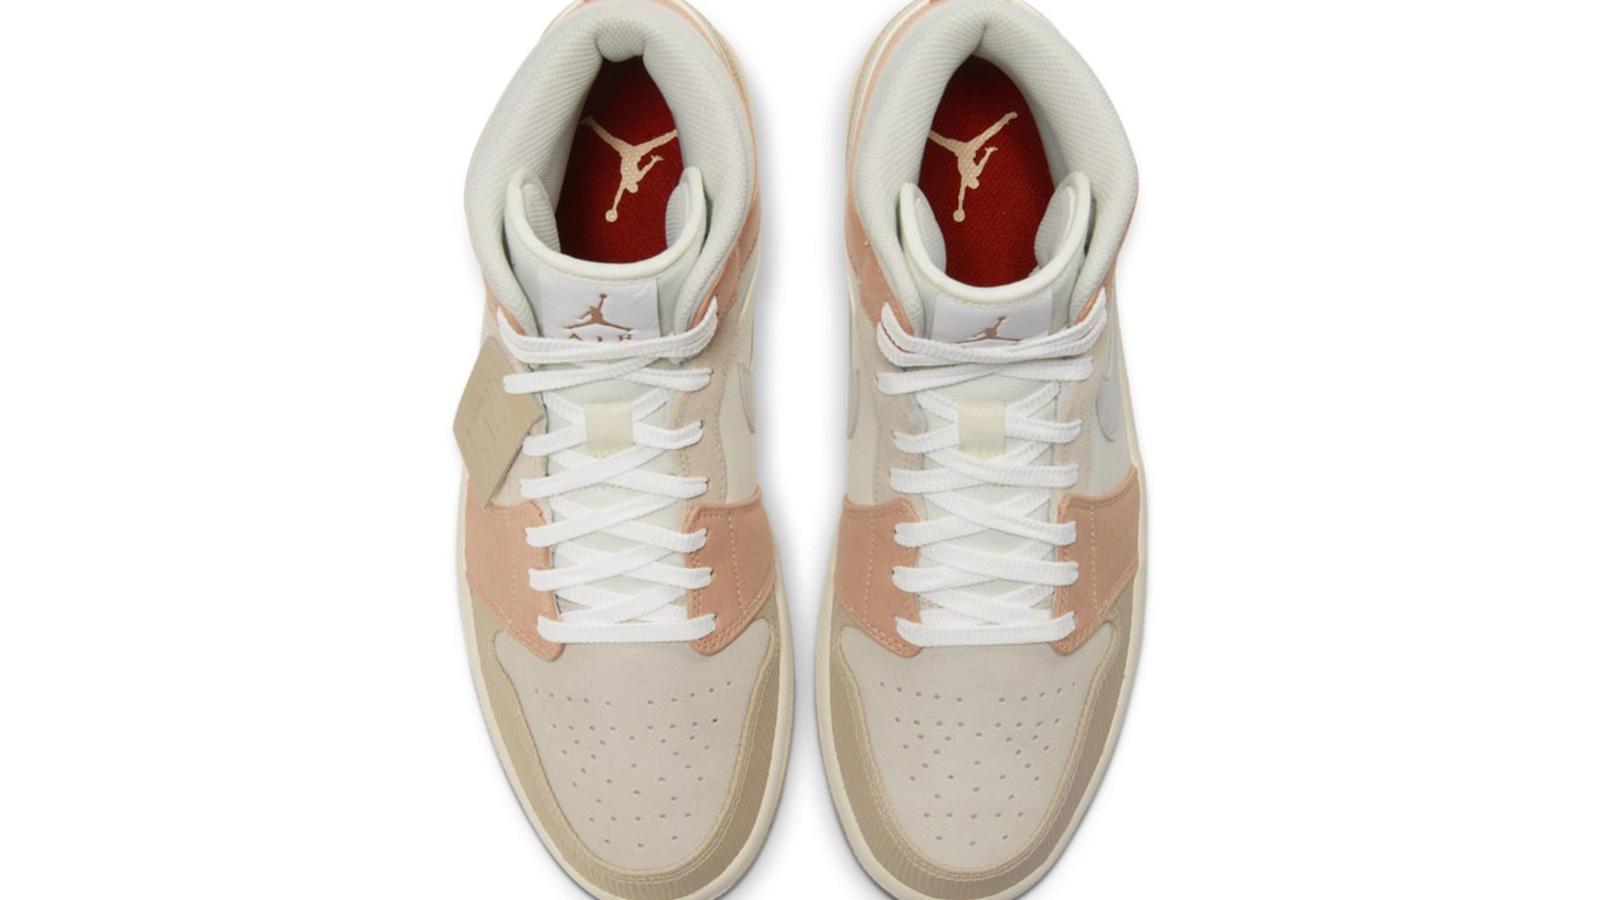 AJ1,Air Jordan 1,发售 全新城市系列主题!米兰 AJ1 Mid、巴黎 AJ1 Low 下周发售!